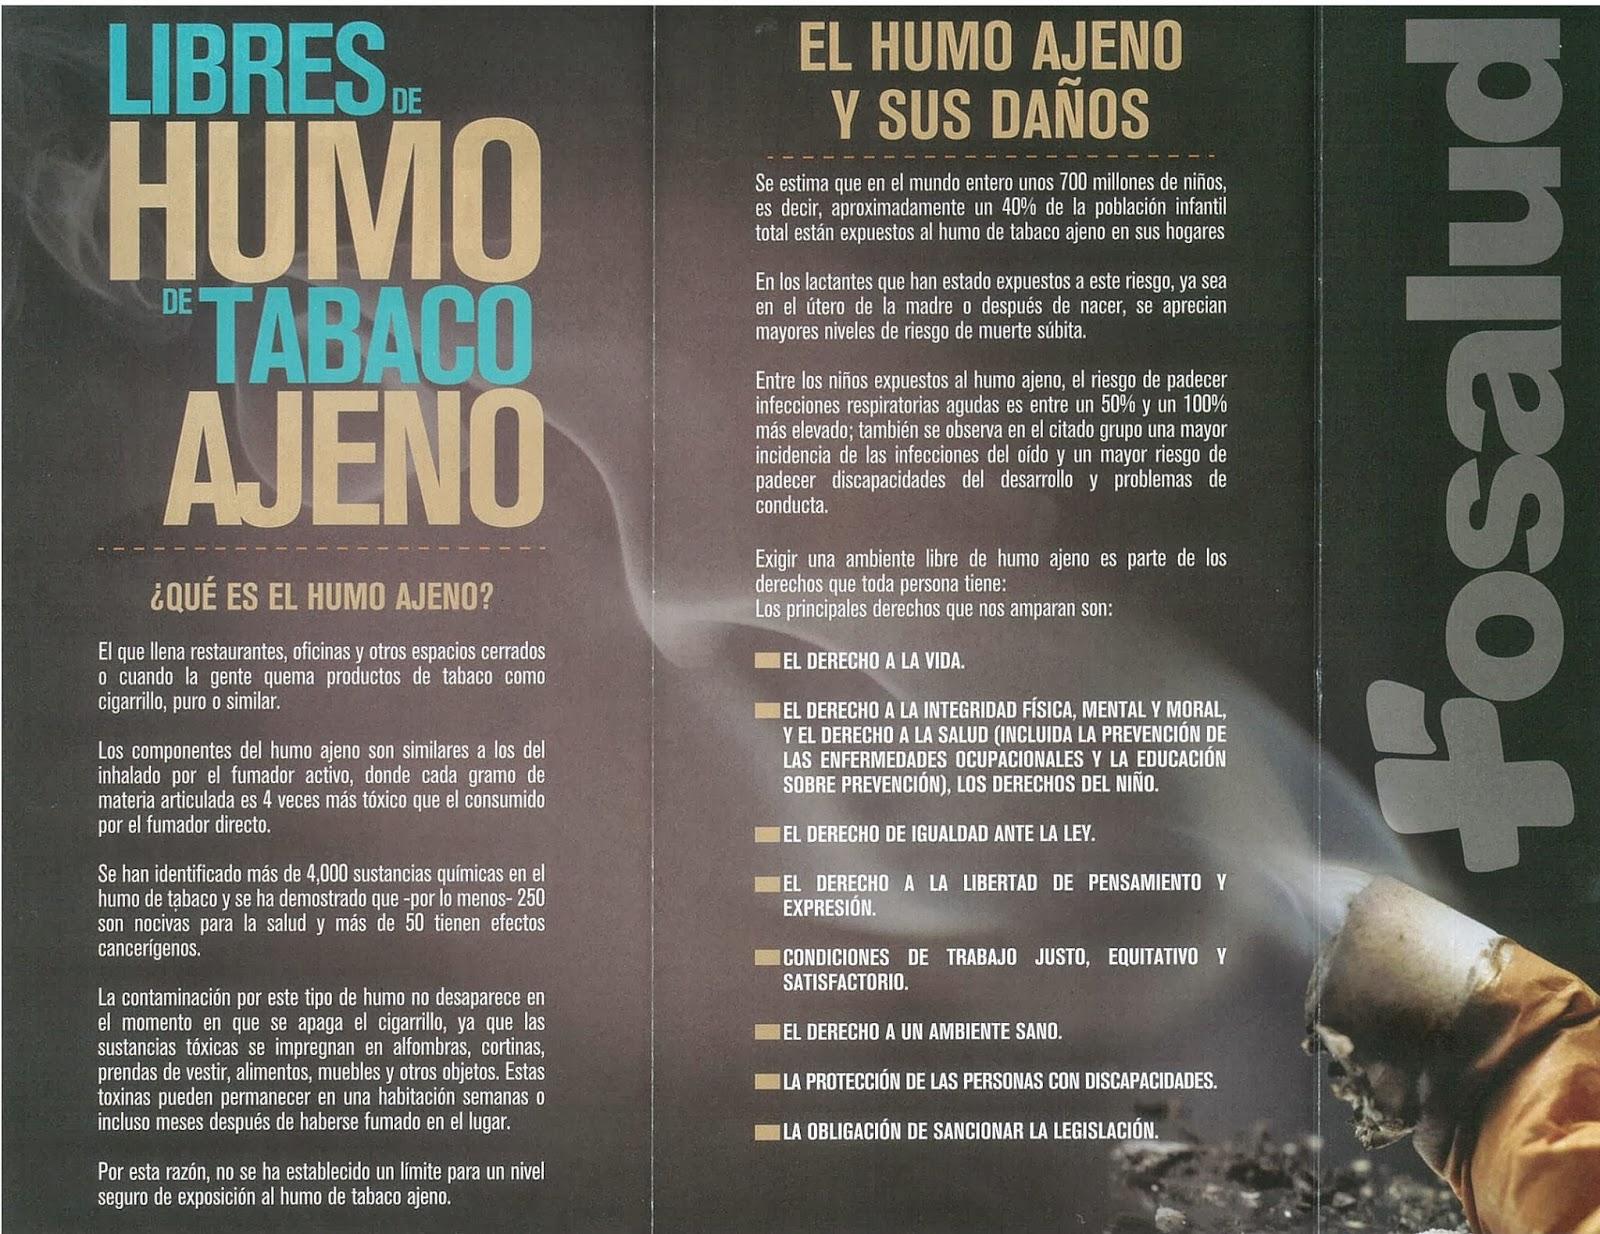 El libro a dejar fumar se puede